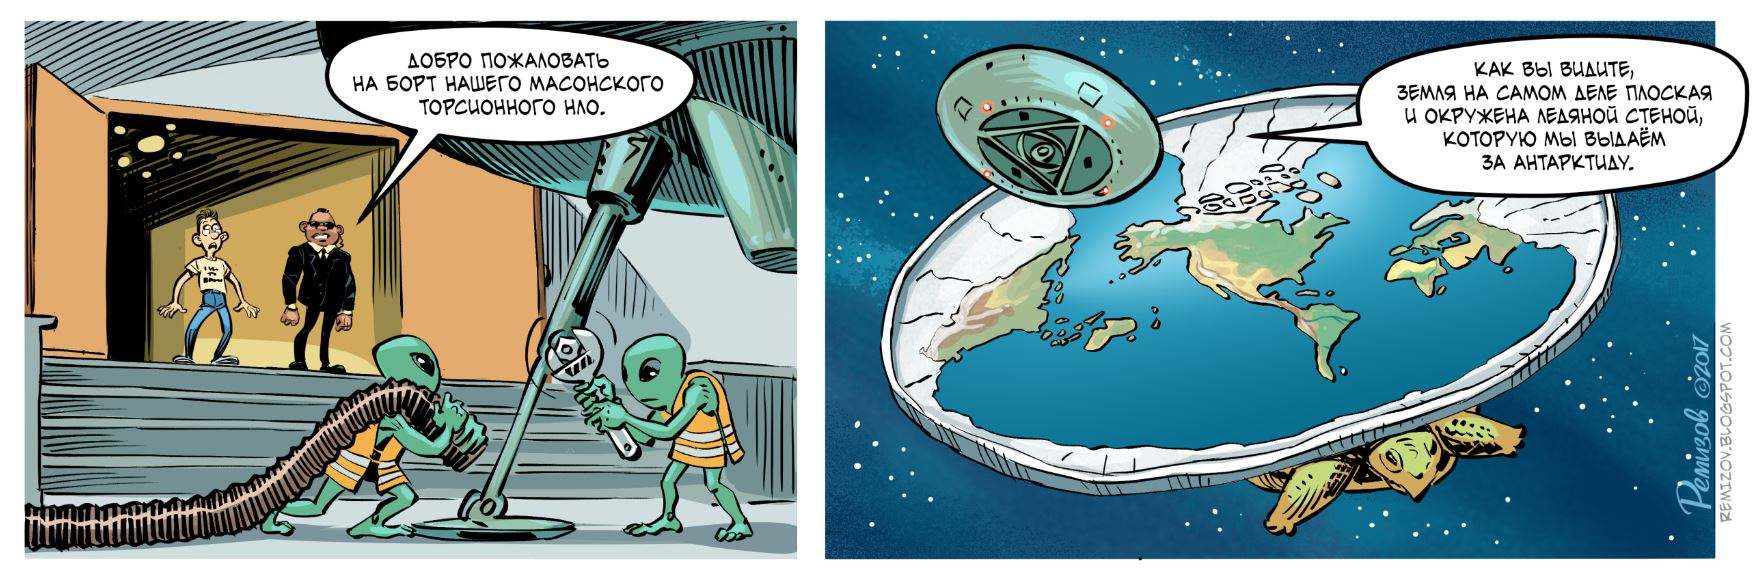 Комикс: власти скрывают! 2